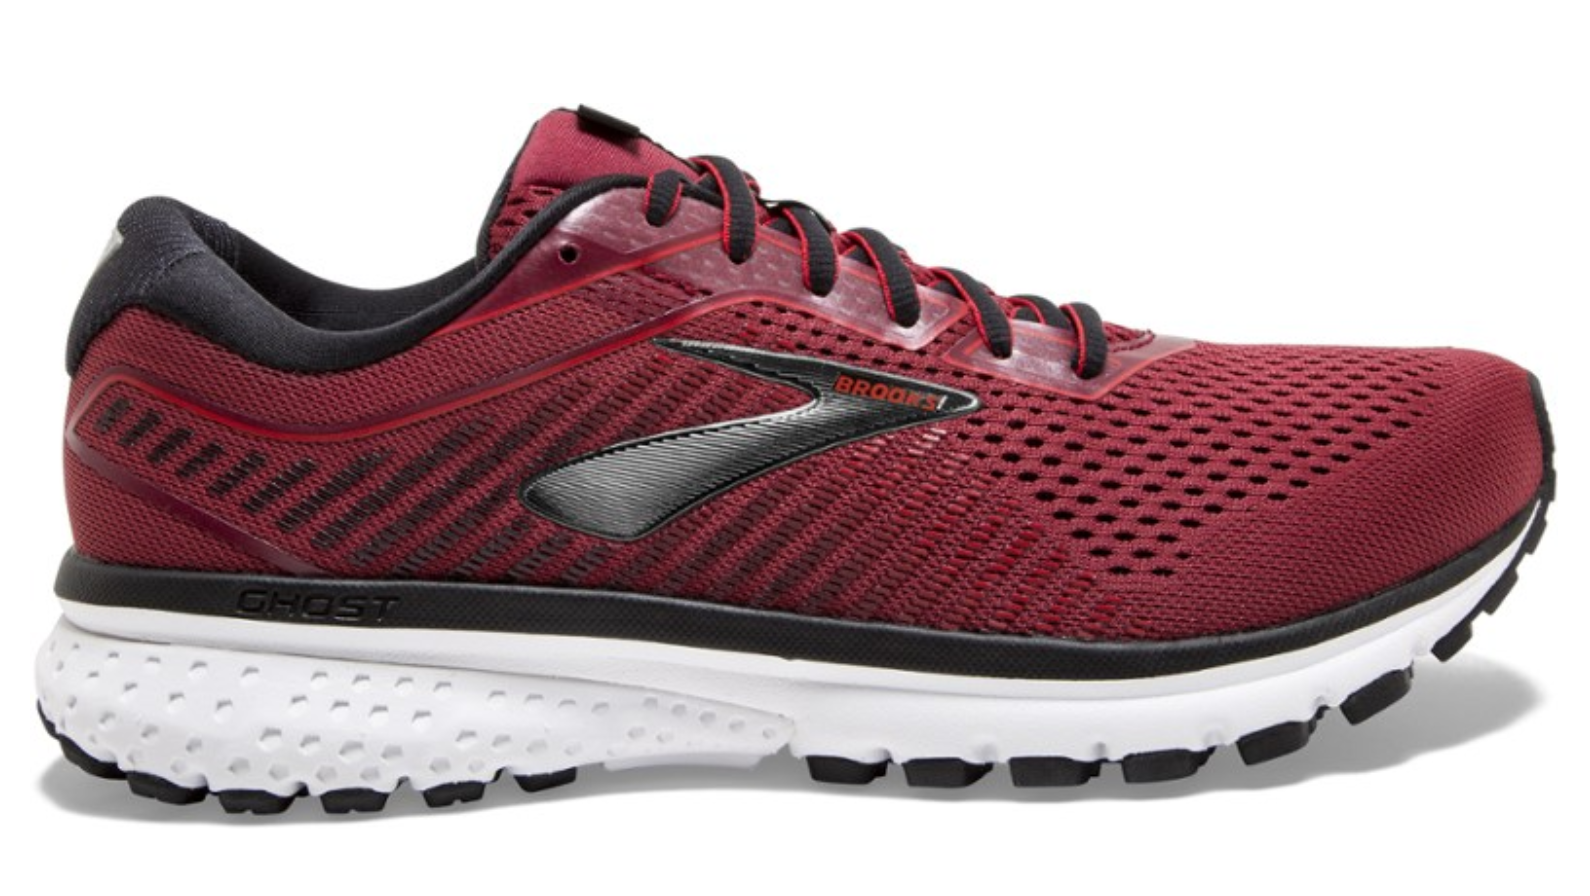 94c3e31825f8a Best Brooks Running Shoes | Brooks Running Shoe Reviews 2019